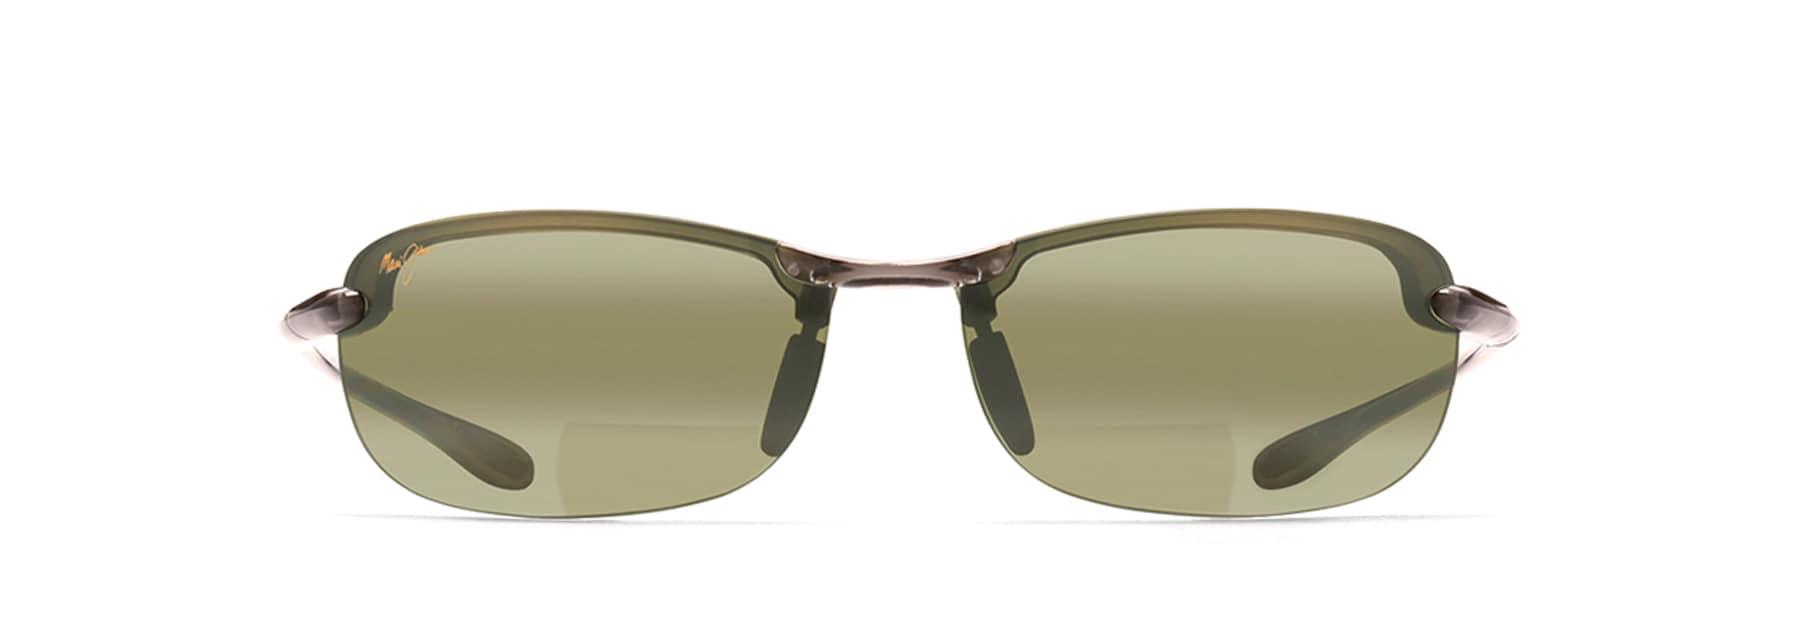 519f9933351c5 Makaha Reader Universal Fit lunettes de soleil polarisées